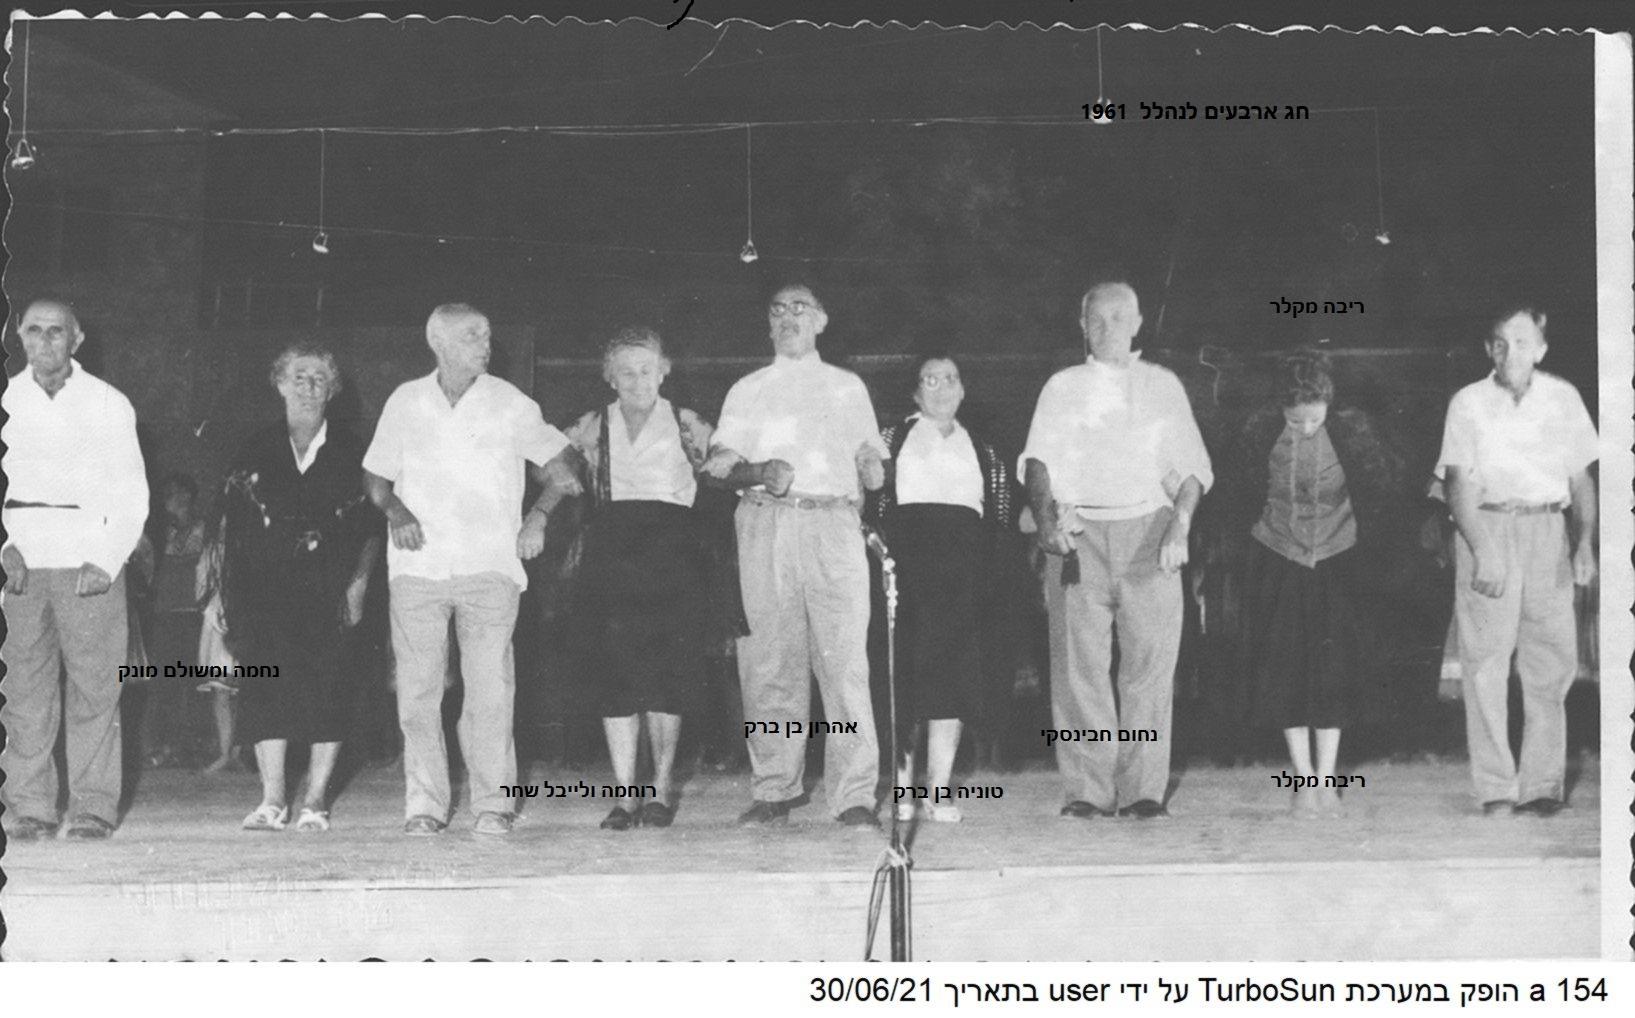 1961 ח אלול 40 לנהלל